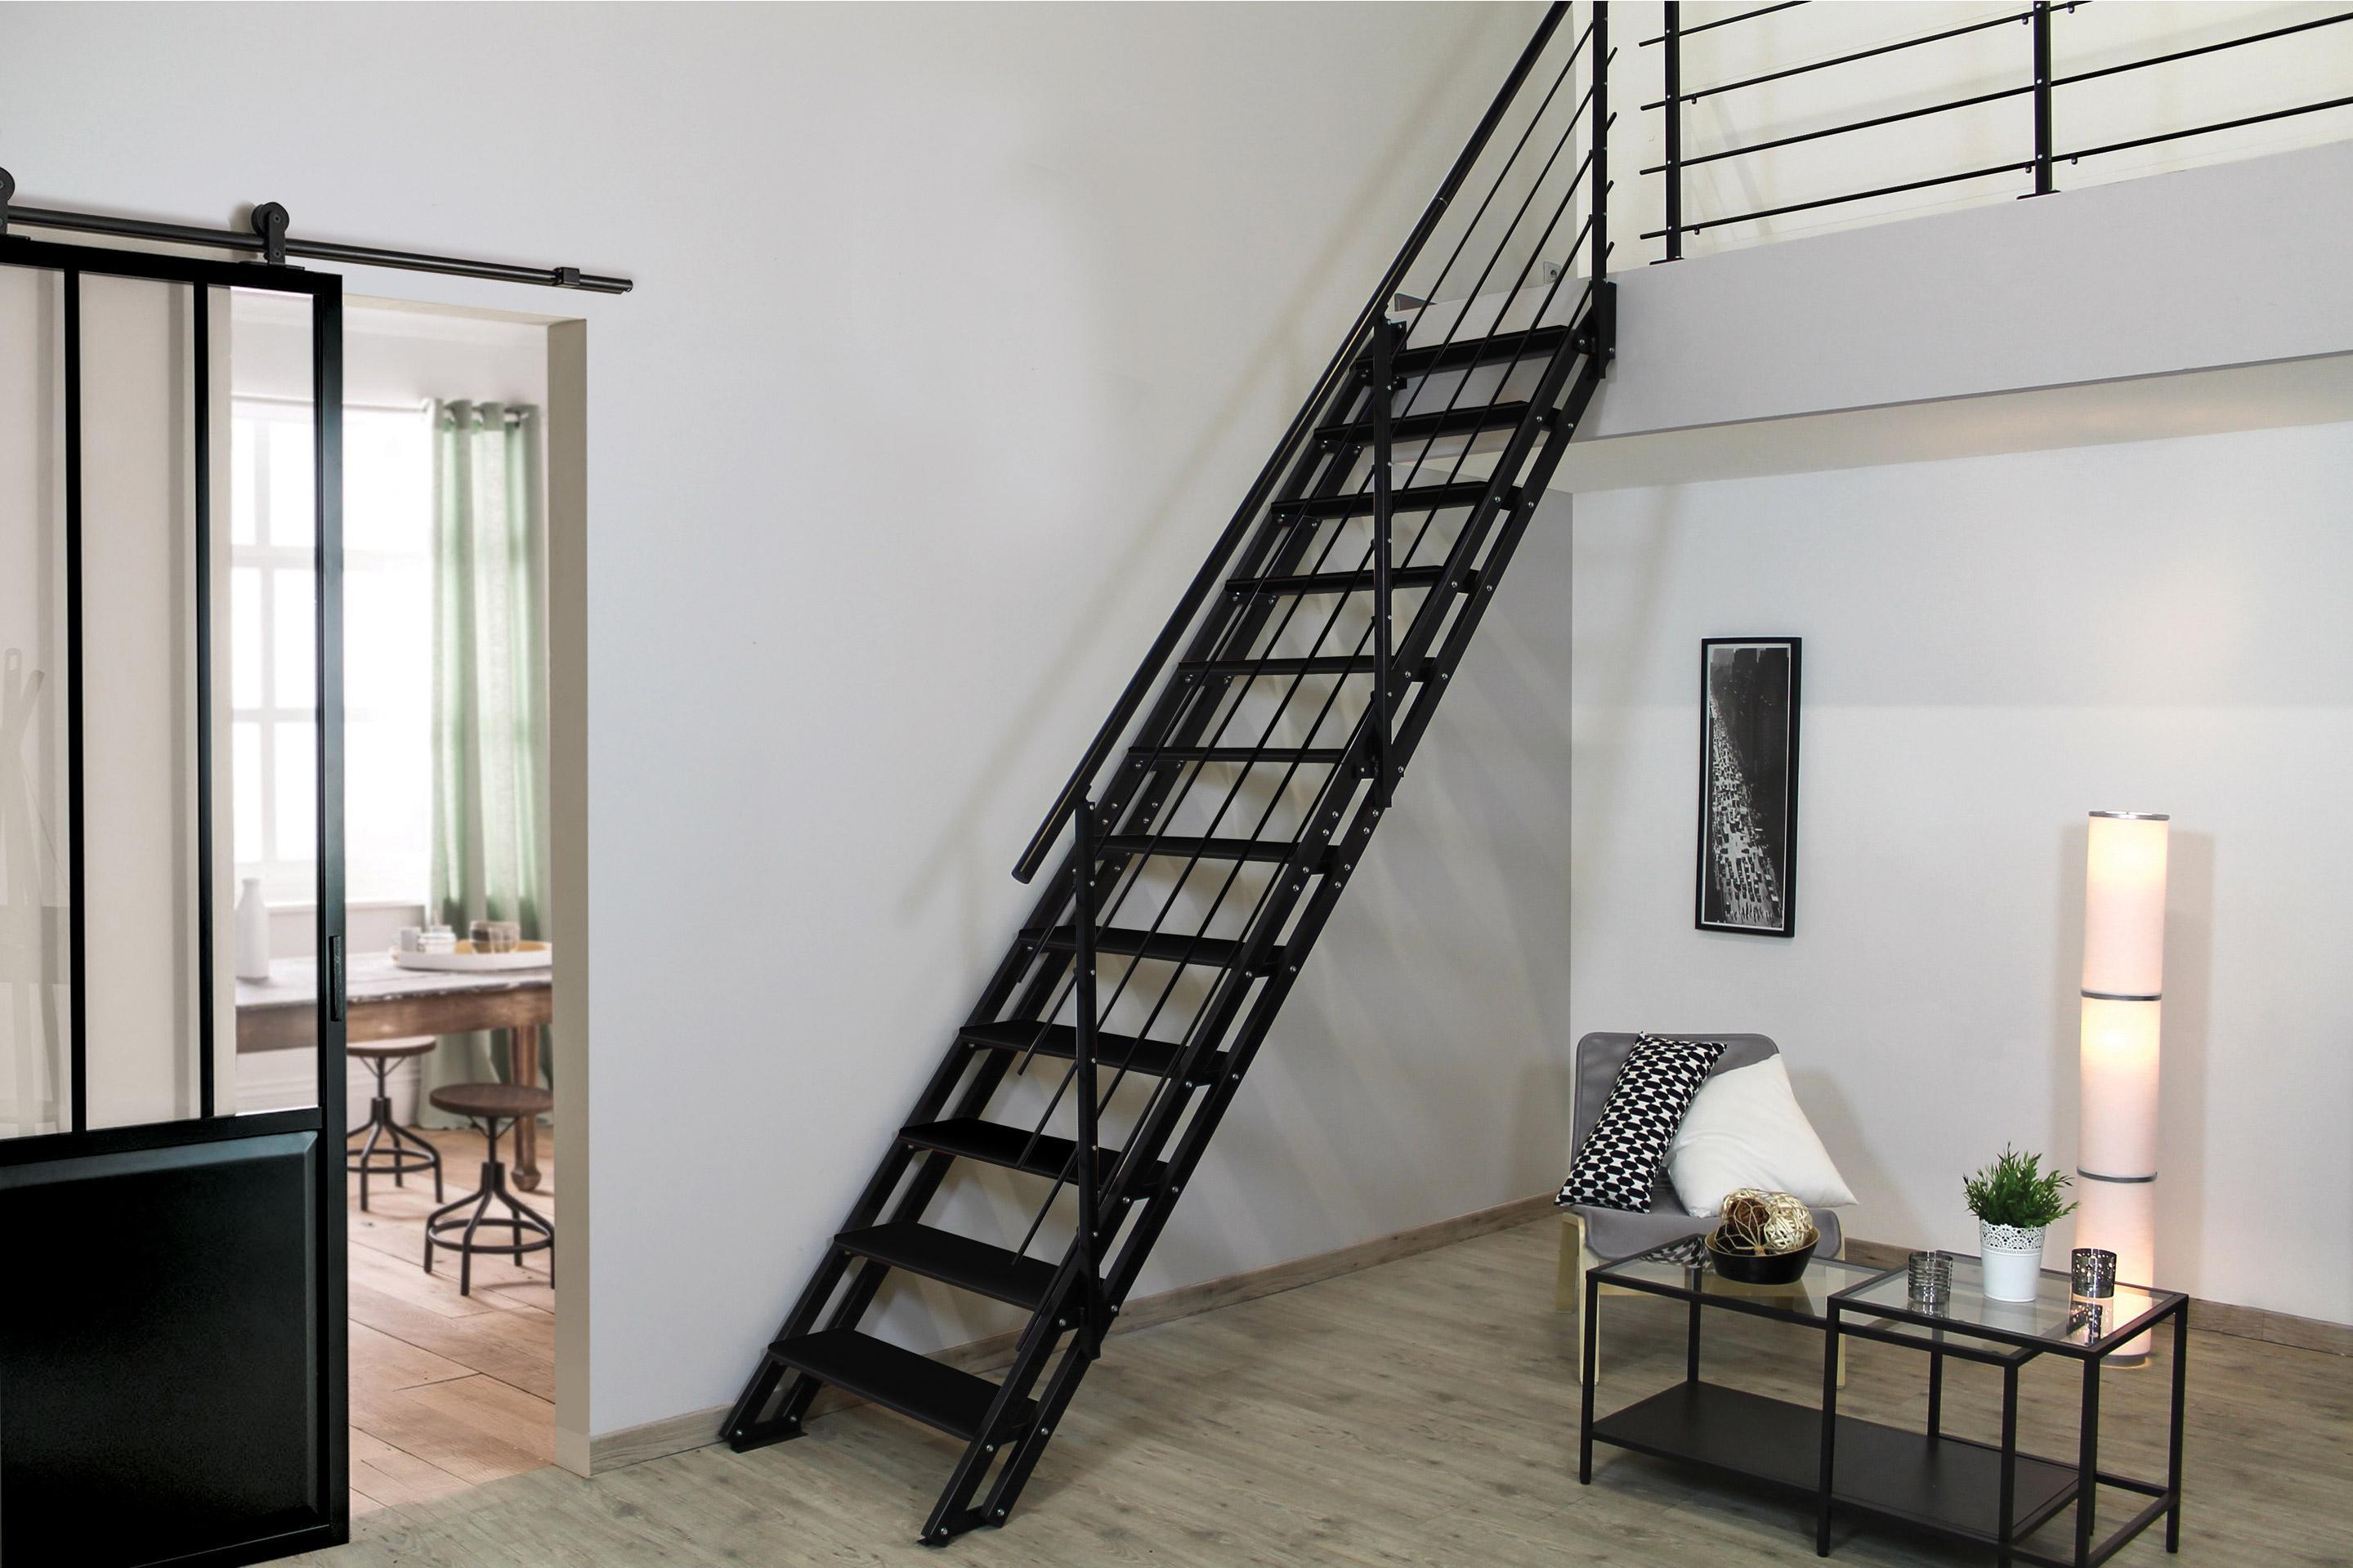 Escalier Bois Metal Noir escalier droit acier noir escavario 12 marches acier, l.90 cm